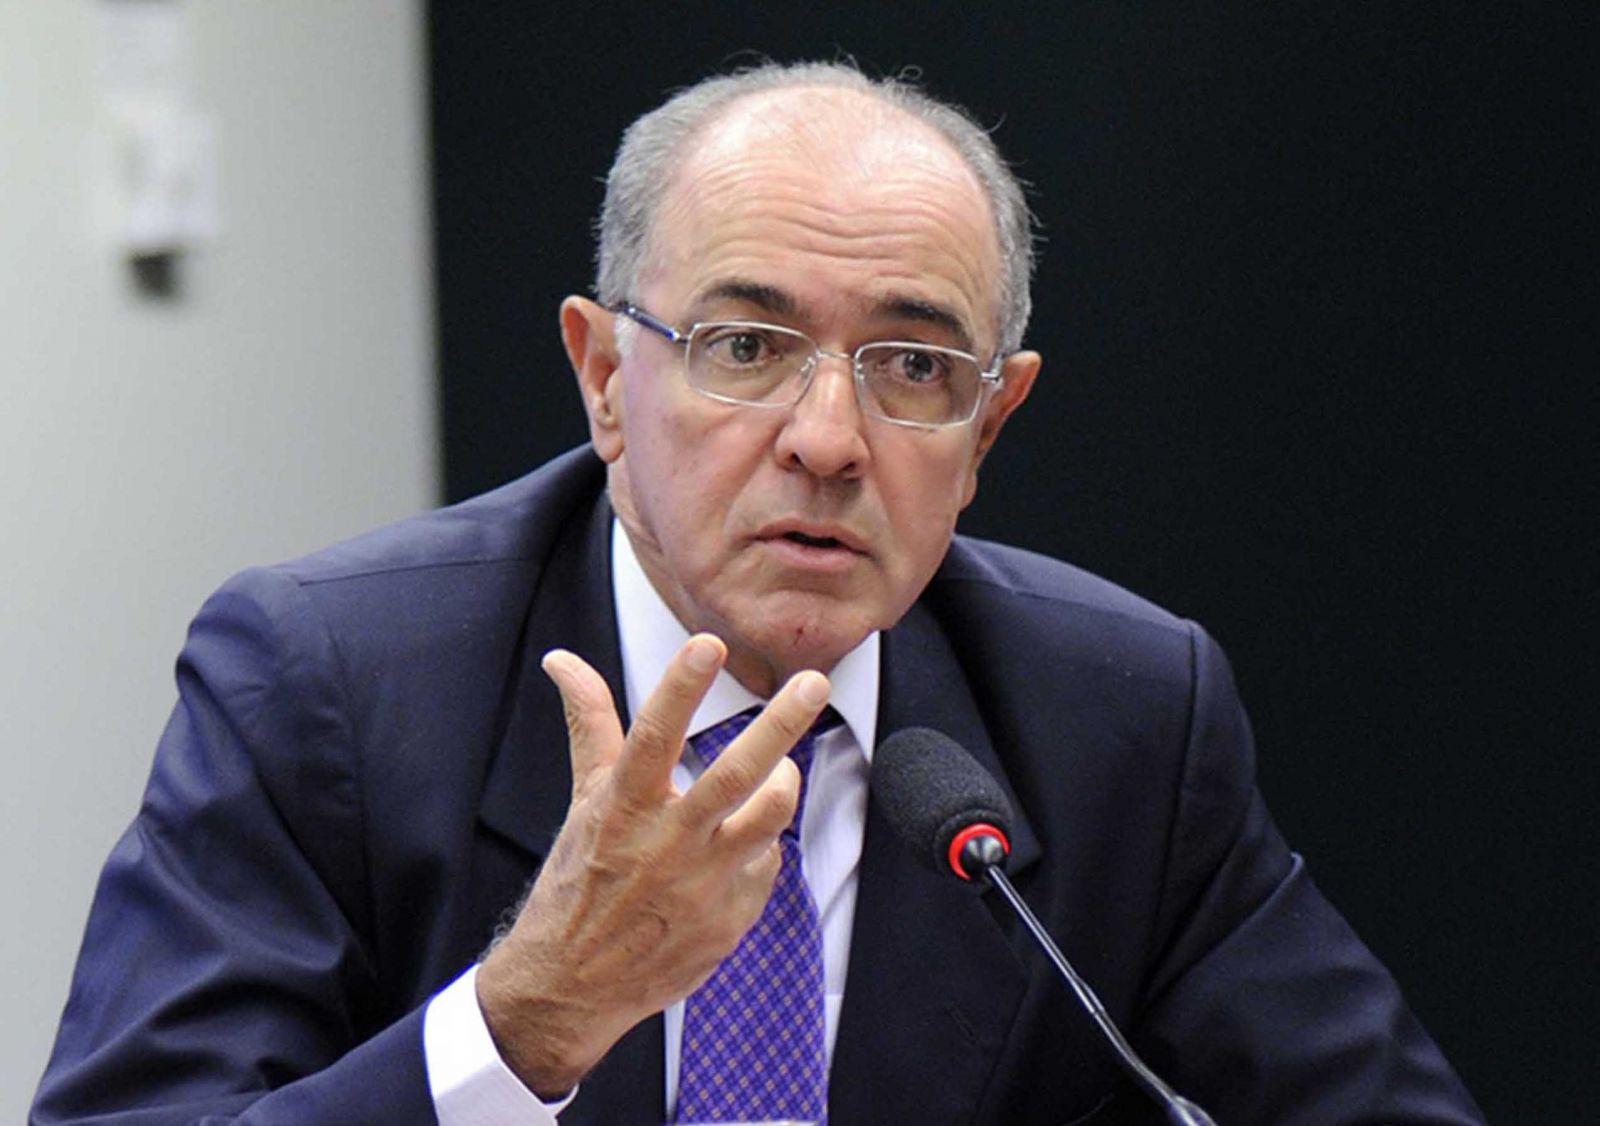 O Deputado José Carlos Aleluia fere a alma de Rui Costa com palavras. Ninguém tem esse direito.Veja..